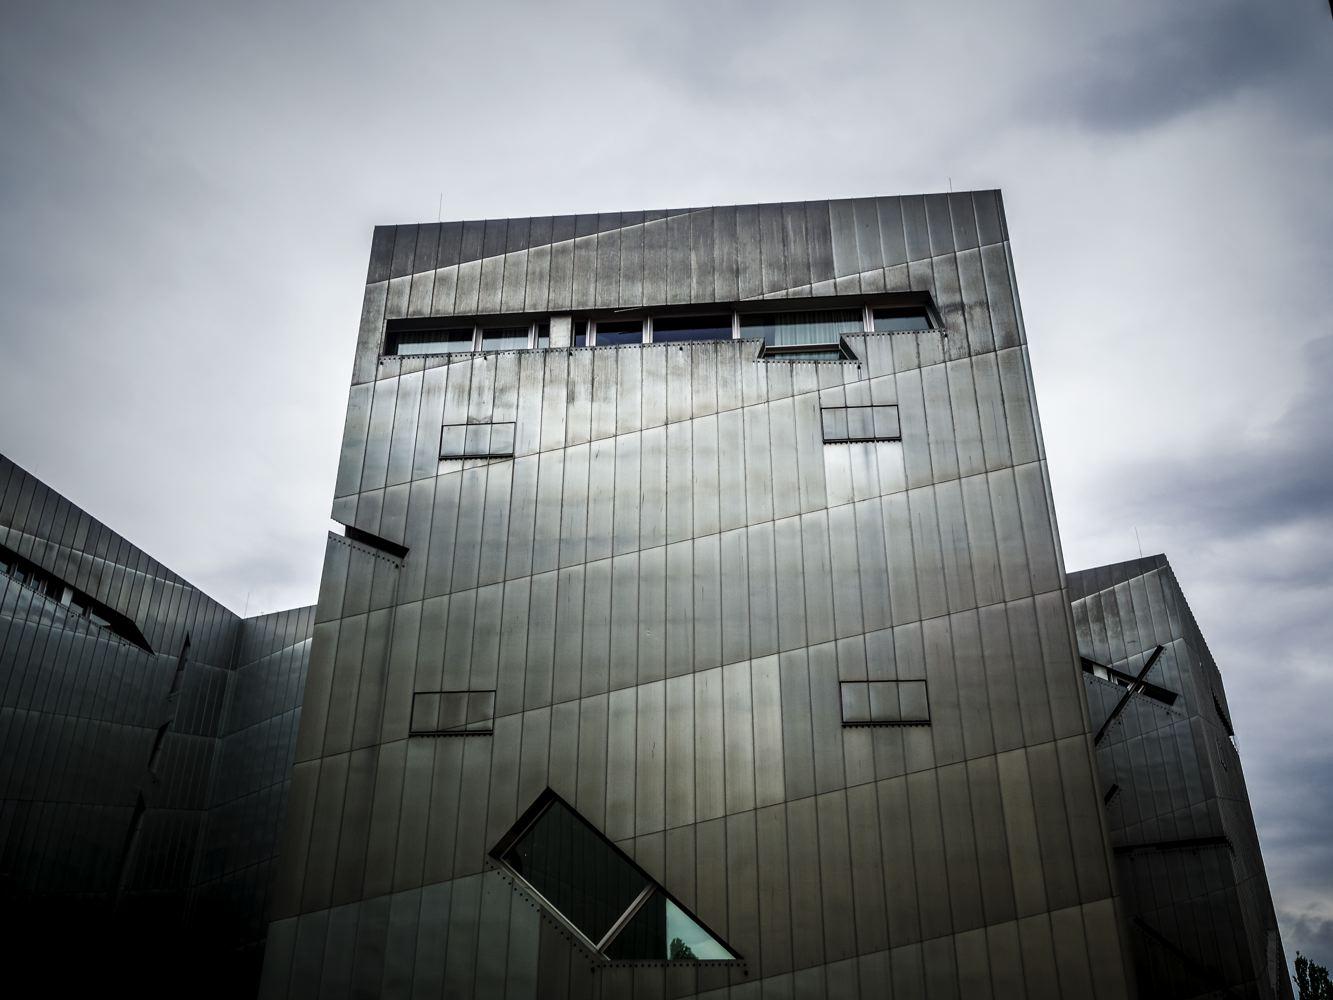 LDKphoto_Musée juif de Berlin-013.jpg